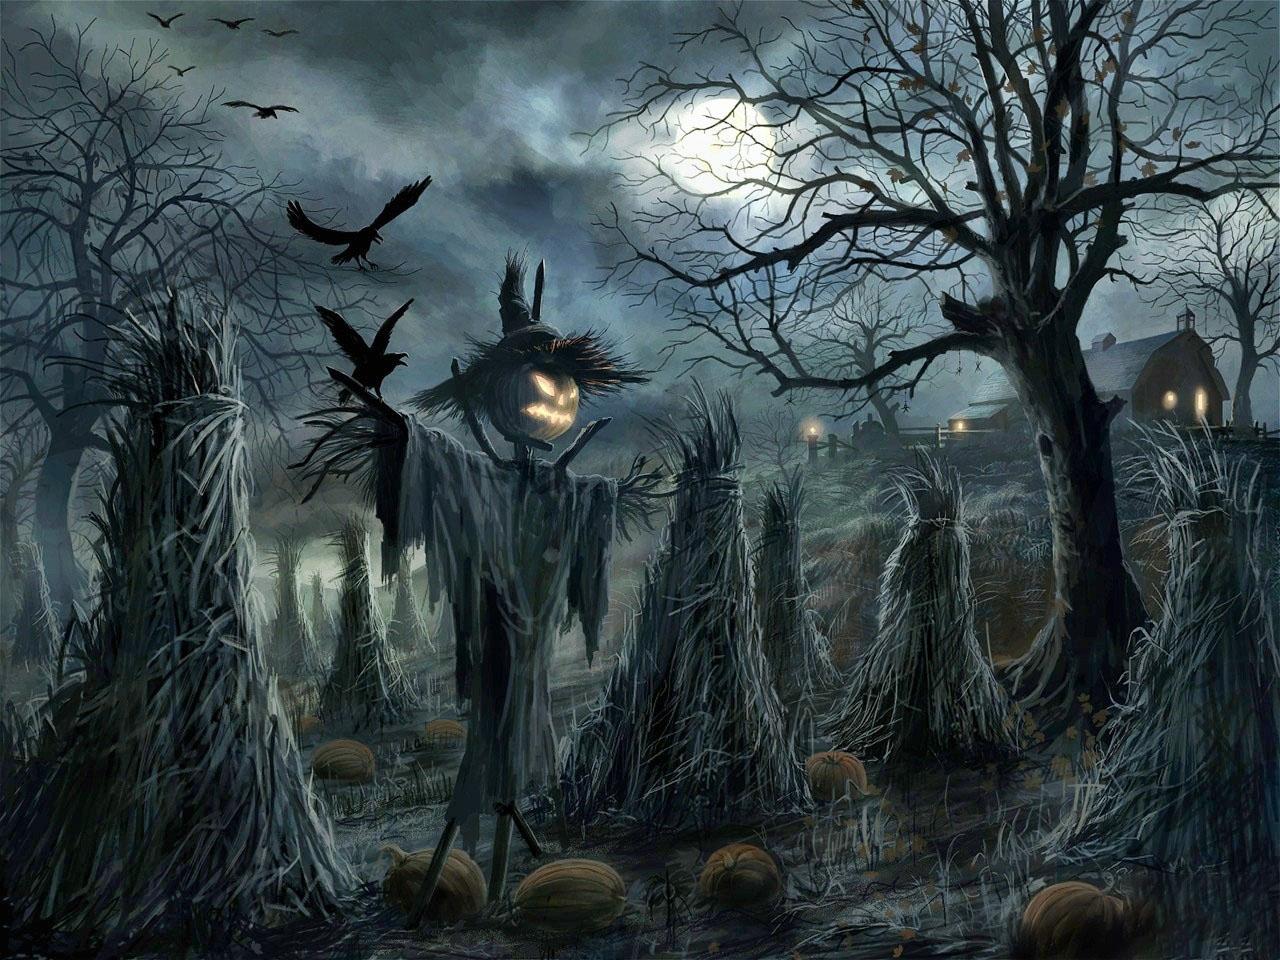 Tranh vẽ về halloween đẹp nhất